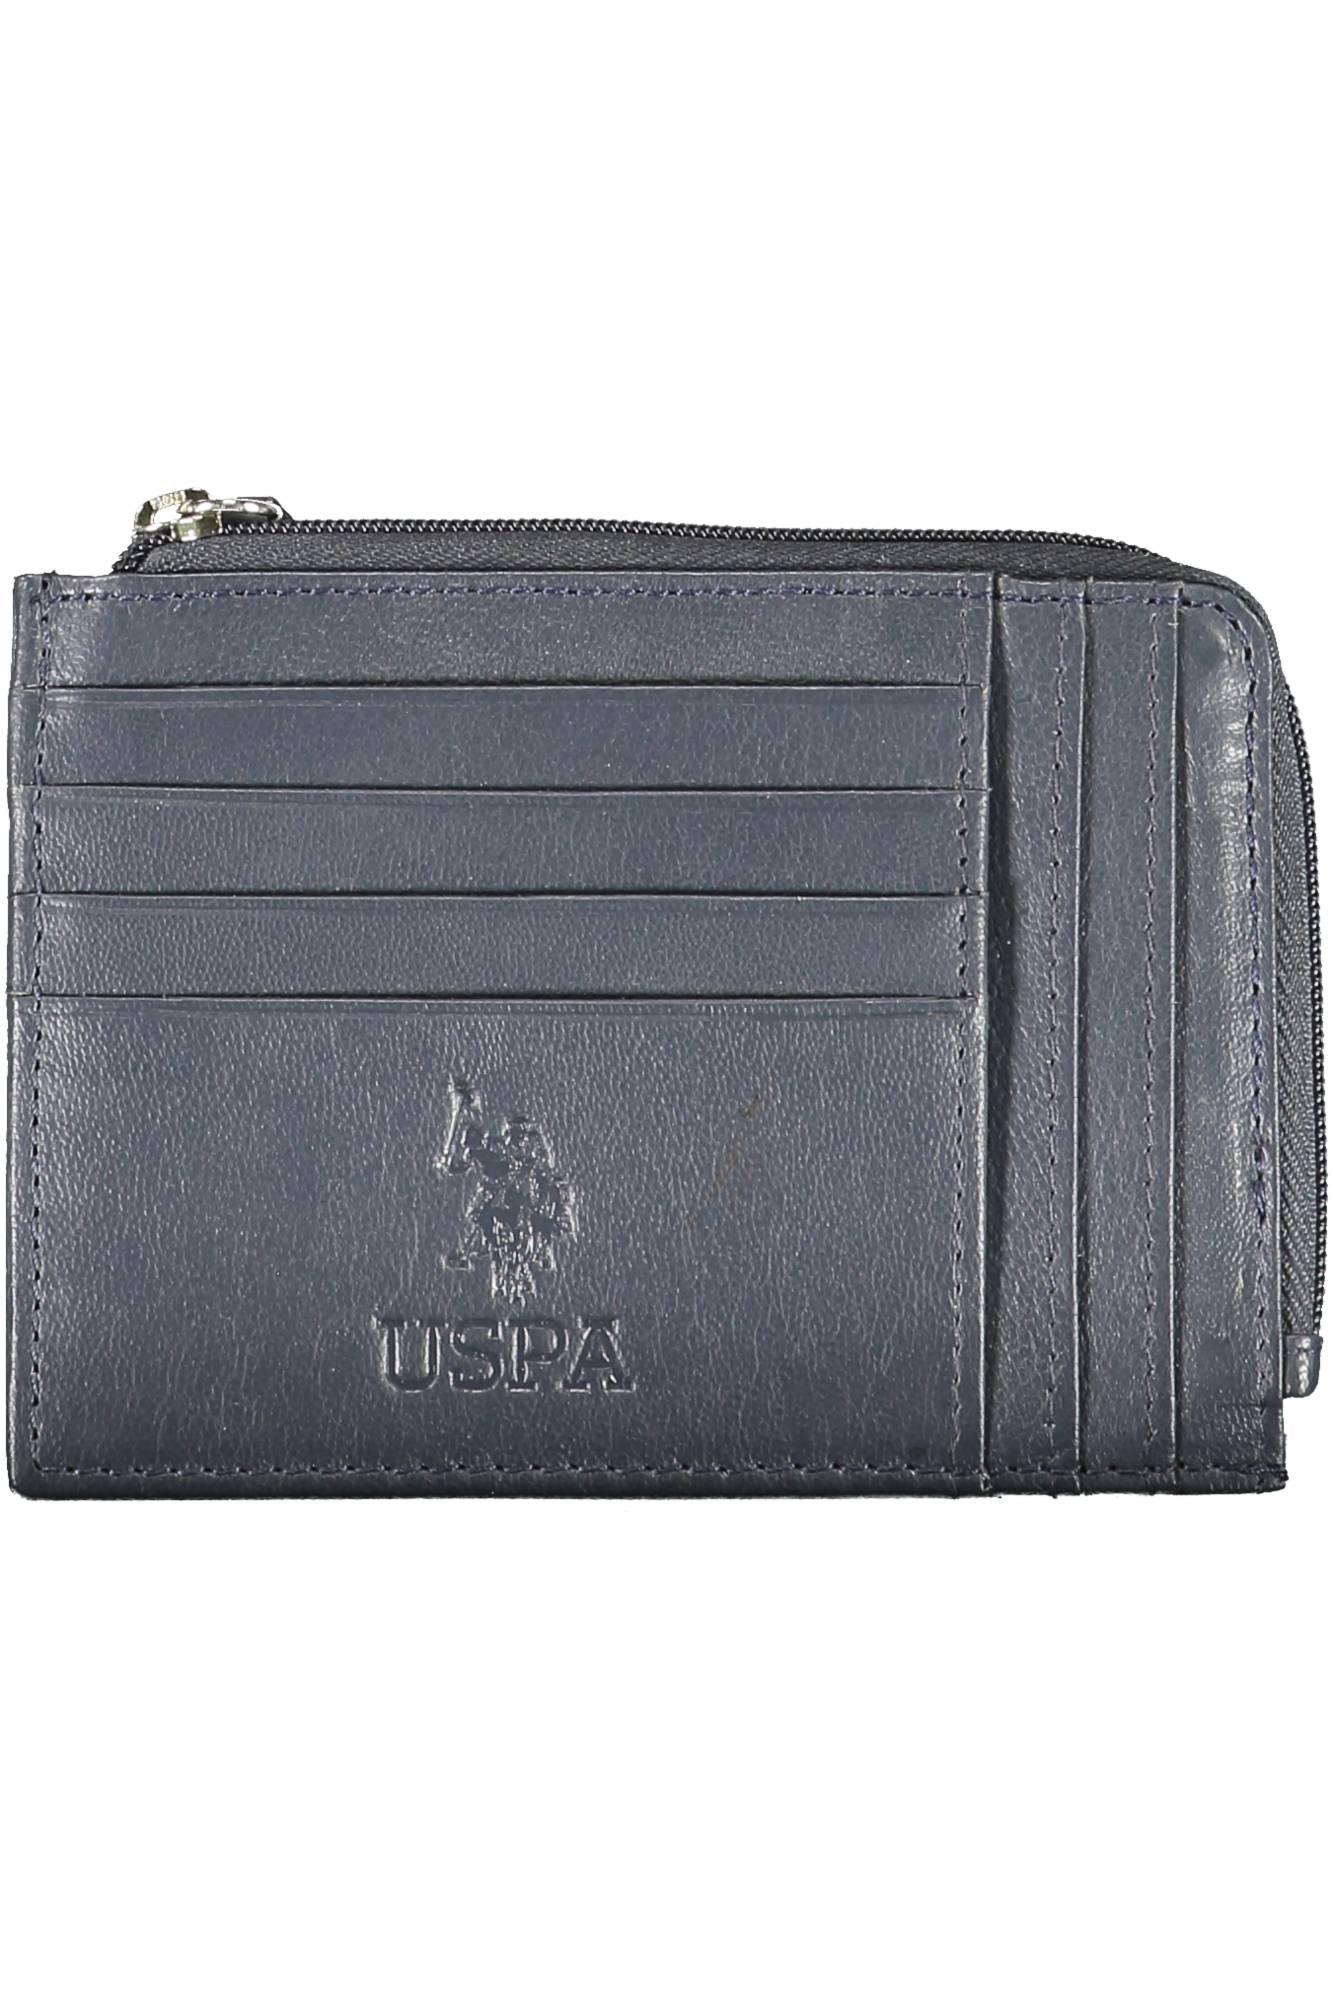 U.S. POLO ASSN. peněženka BLU